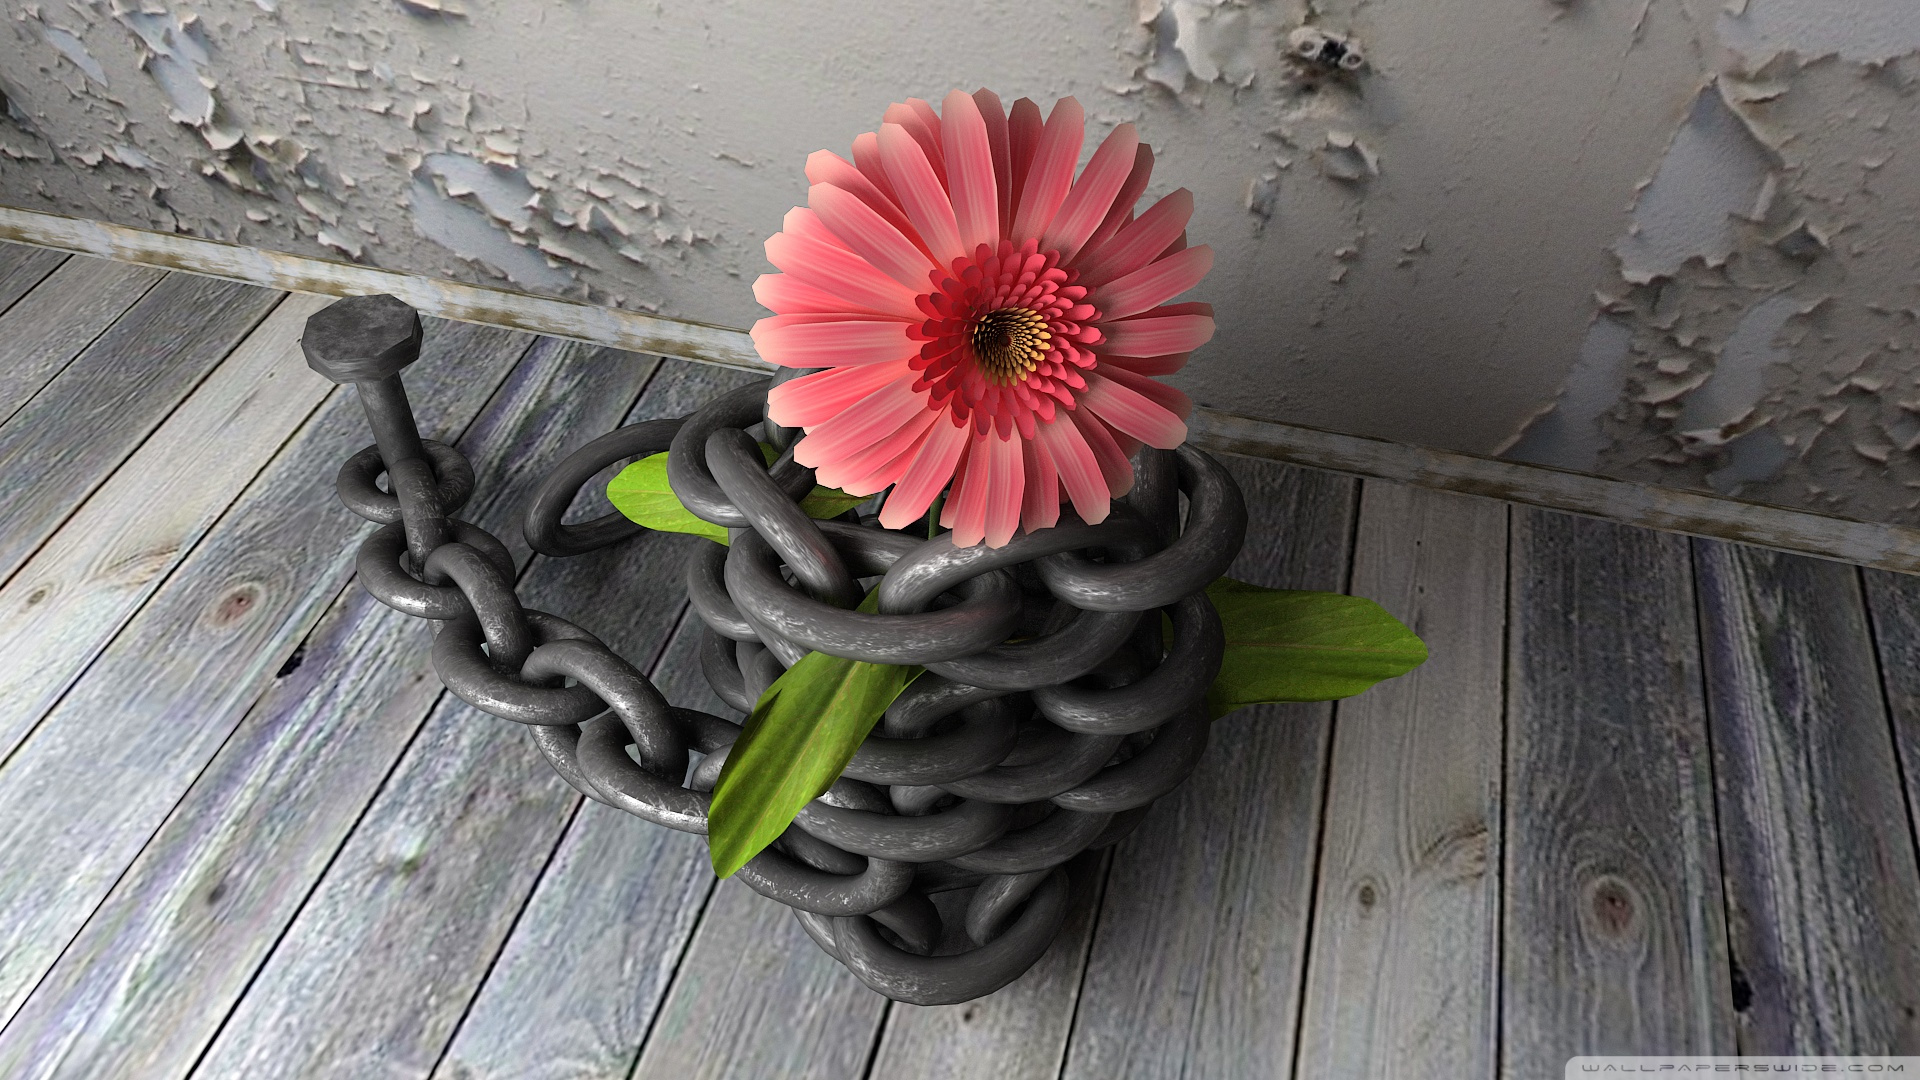 Merit Çiçek Atölyesi & Hediyelik Eşya